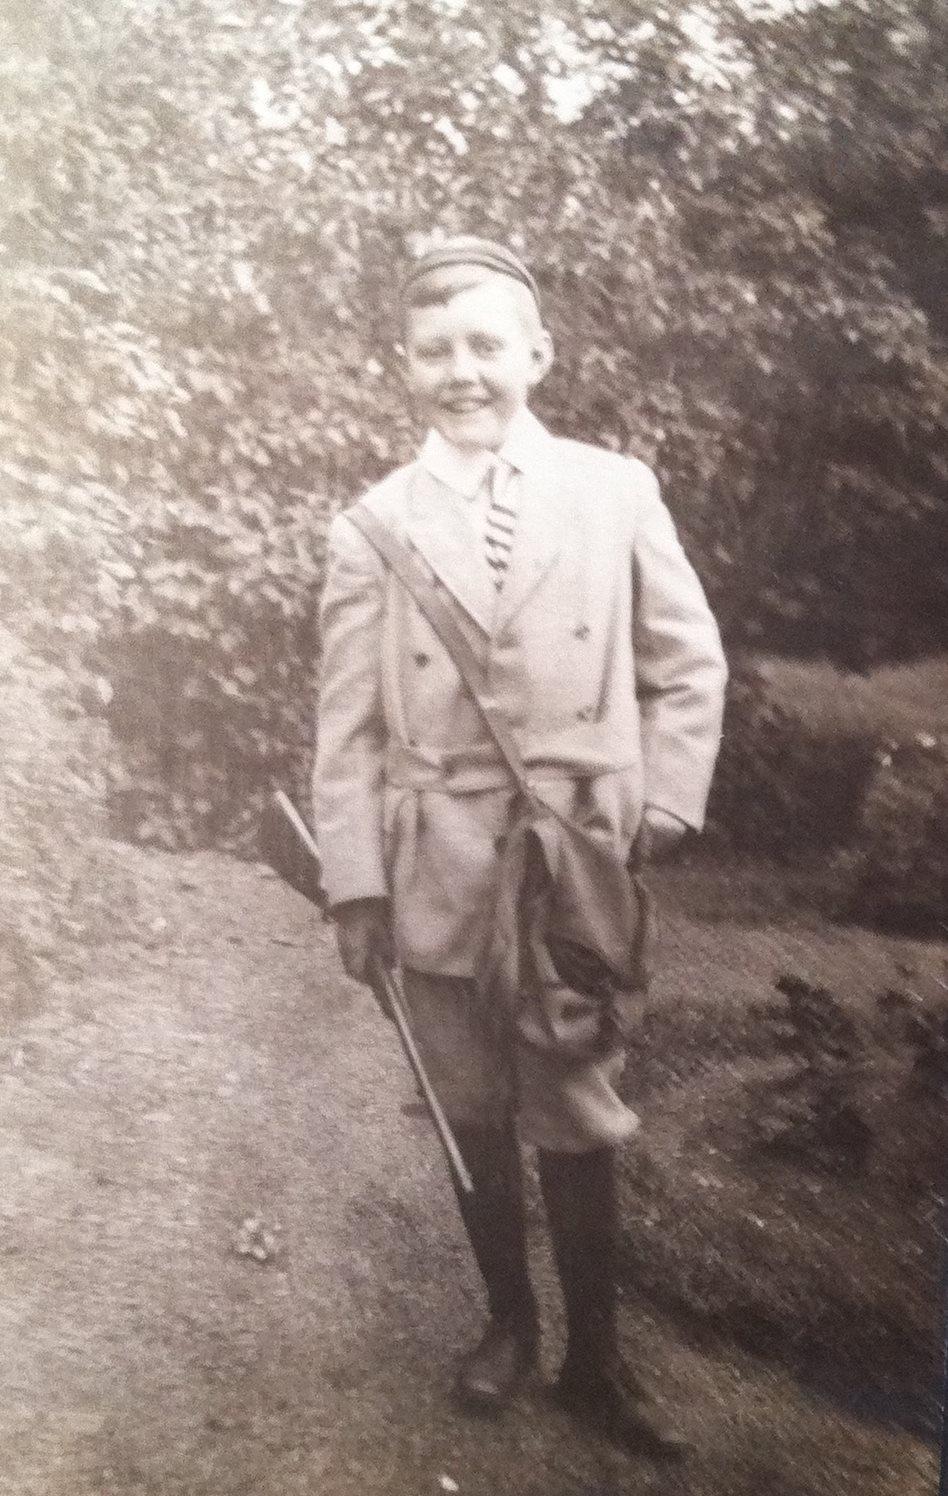 Un enfant pose fièrement en habit de chasse très stylé, carabine à la main.